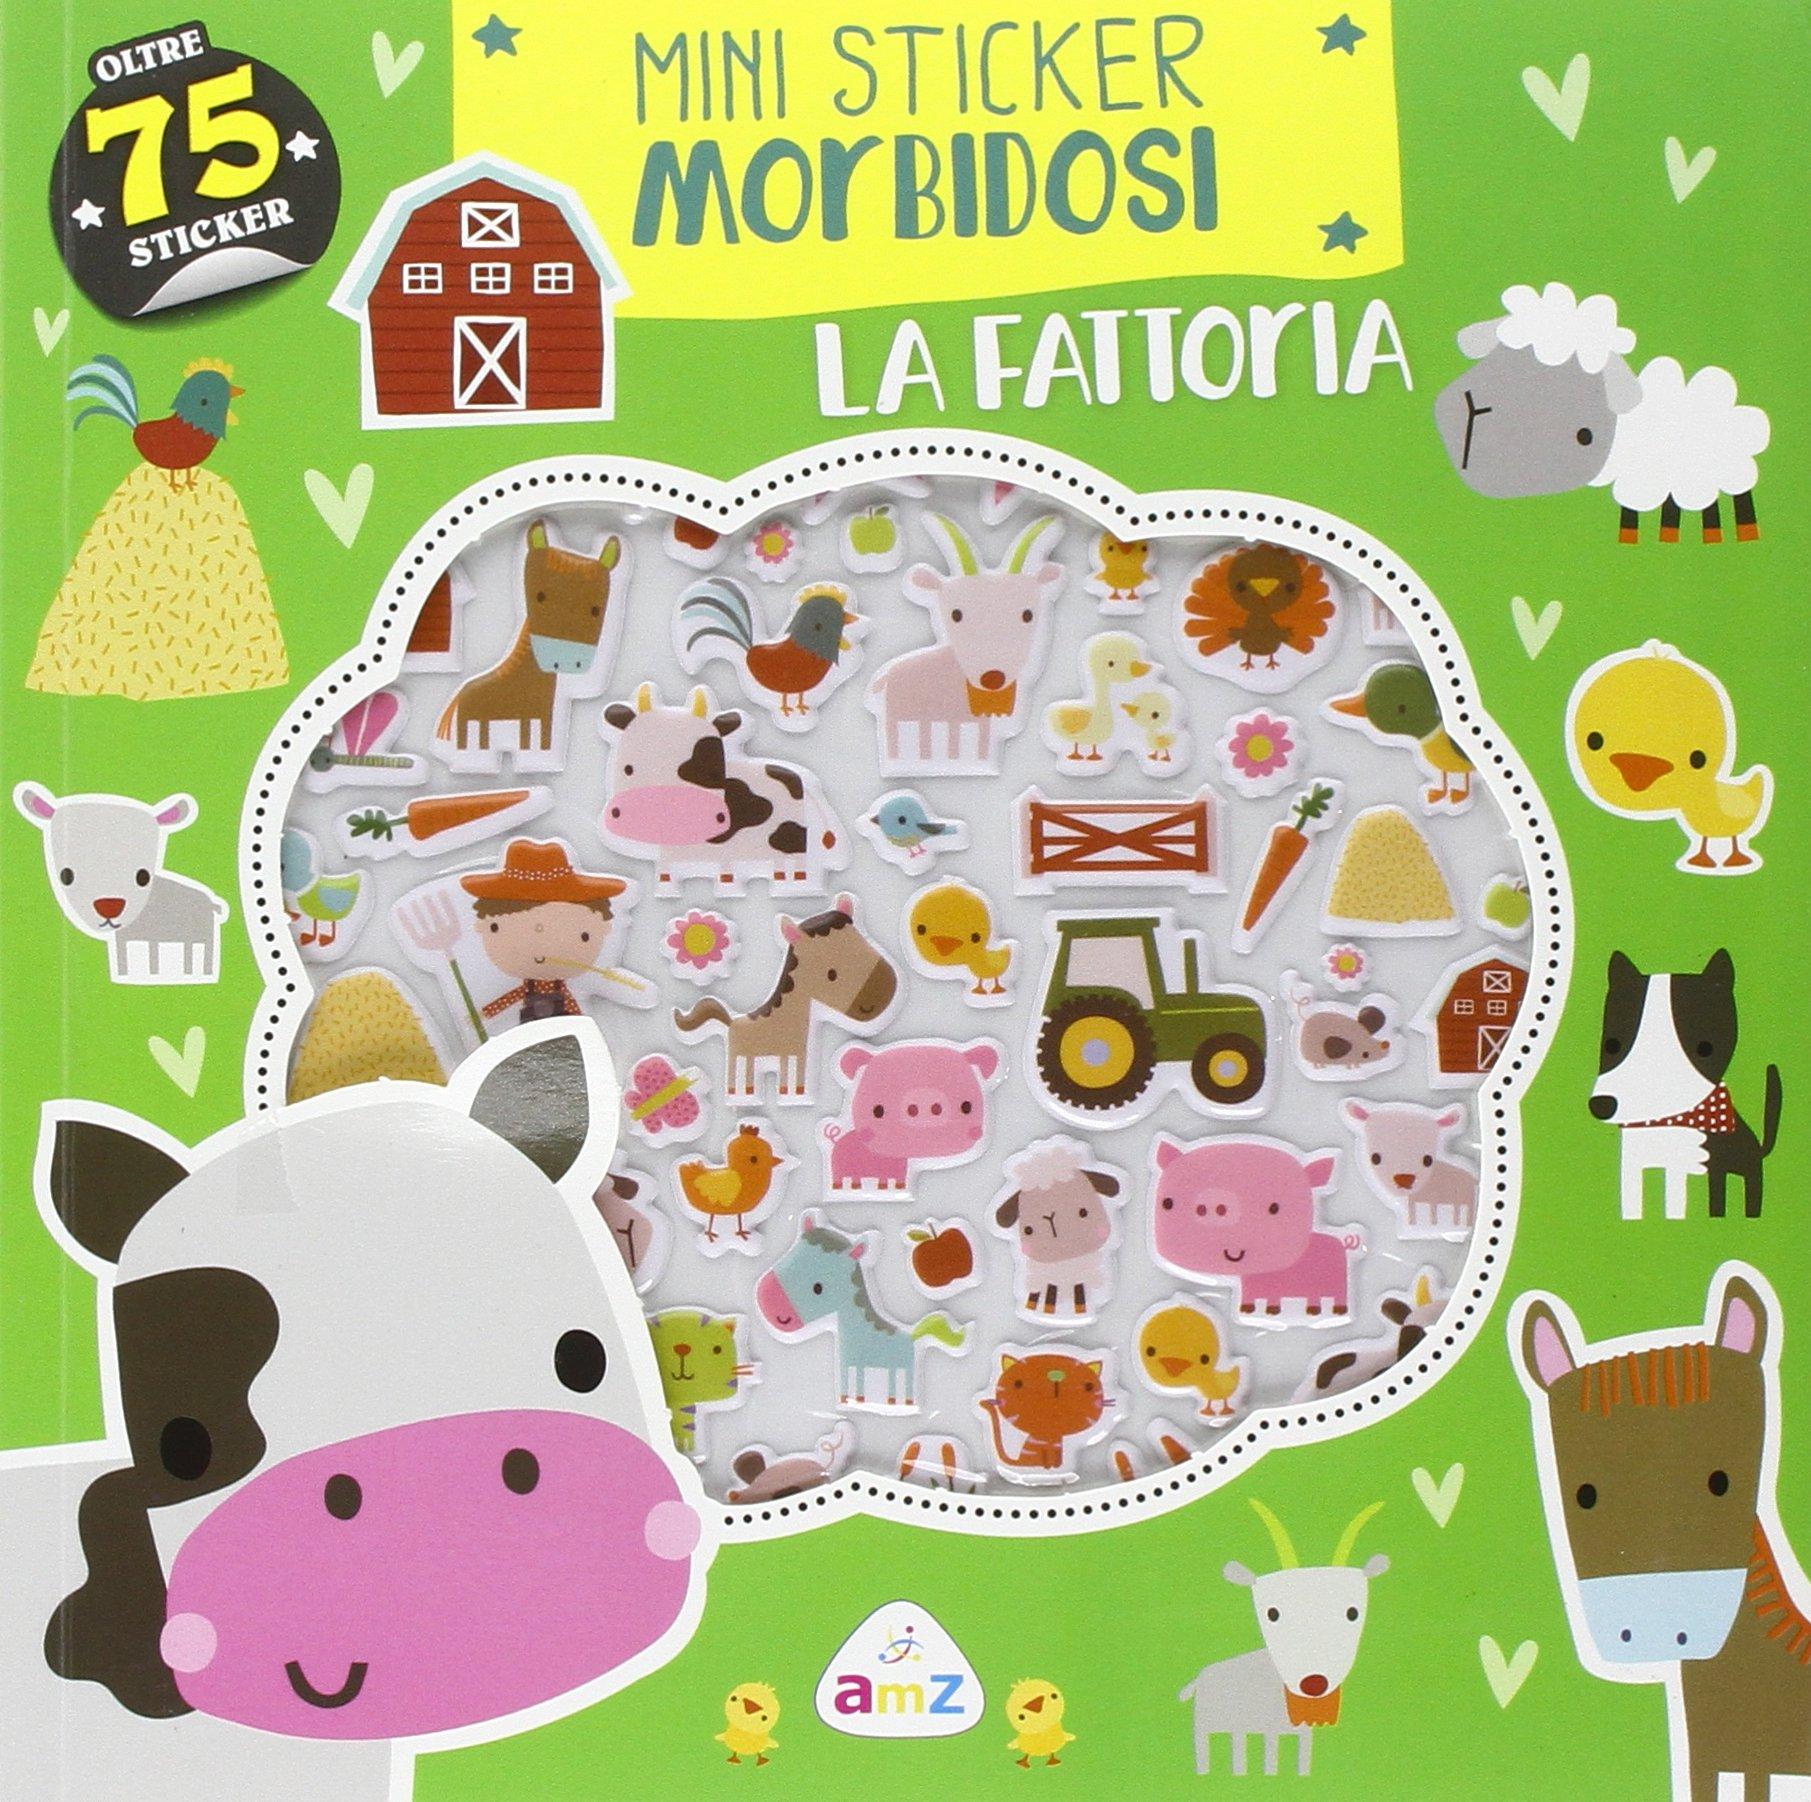 La fattoria. Mini sticker morbidosi. Ediz. illustrata Copertina flessibile – 5 lug 2016 Dawn Machell AMZ 8851139148 LETTERATURA PER RAGAZZI